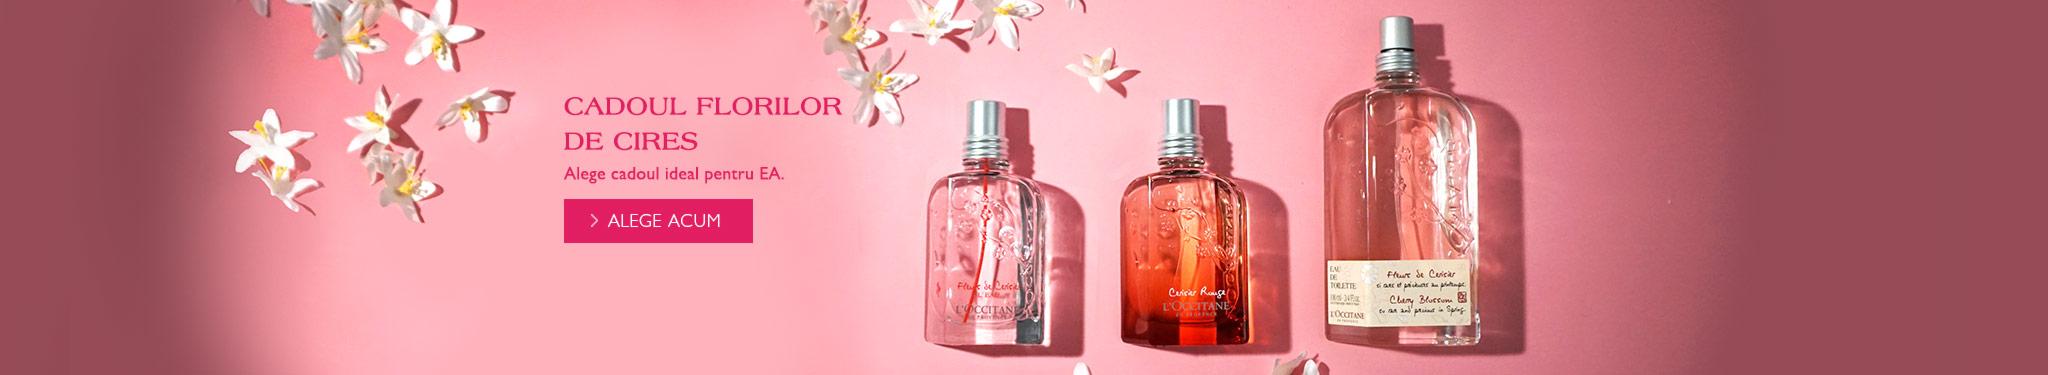 Gama Cherry Blossom